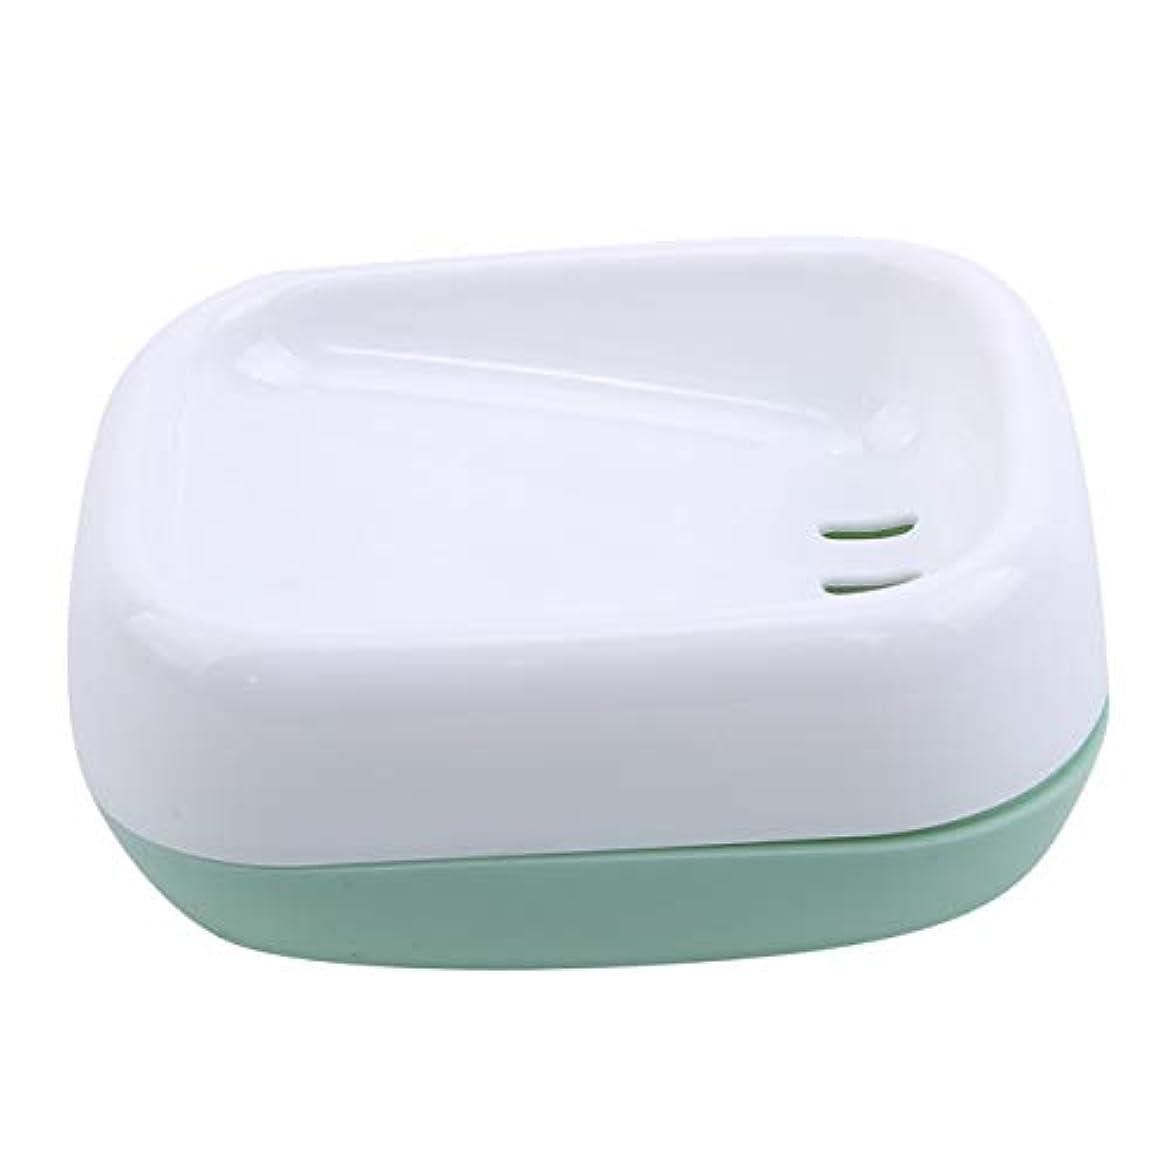 結婚式れるポゴスティックジャンプZALINGソープディッシュボックス浴室プラスチック二重層衛生的なシンプル排水コンテナソープディッシュグリーン